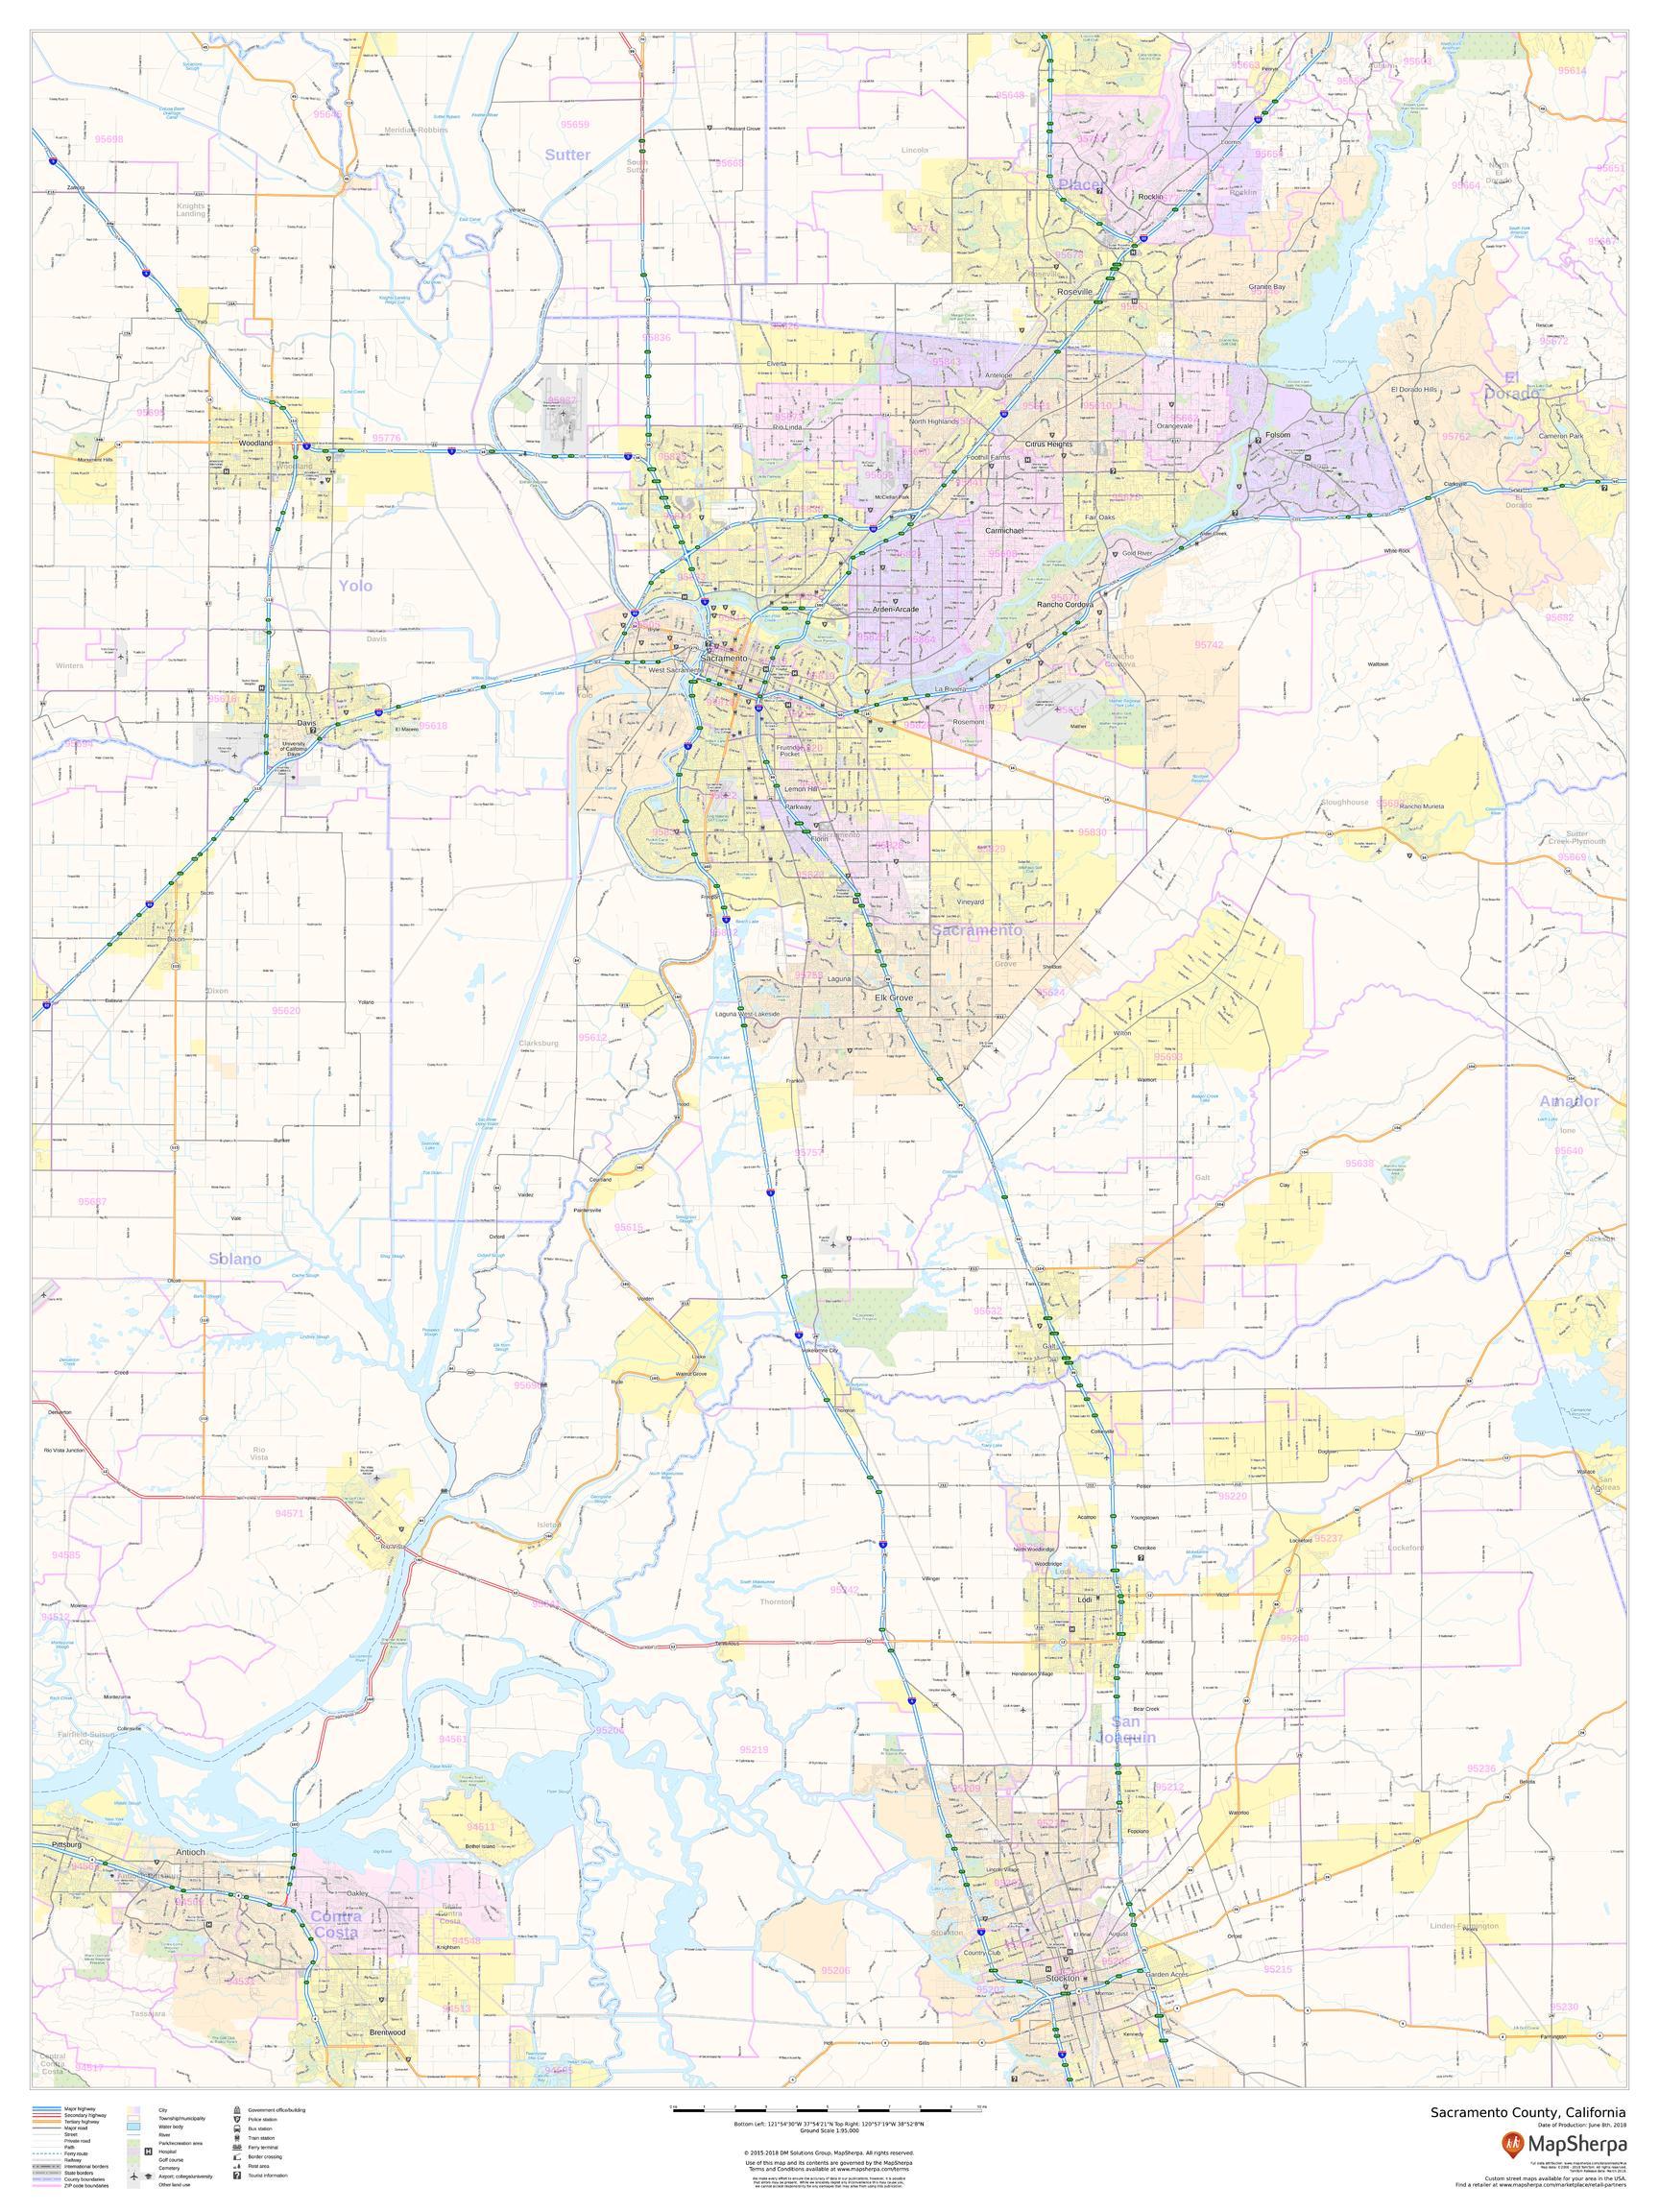 Sacramento County Map (California)